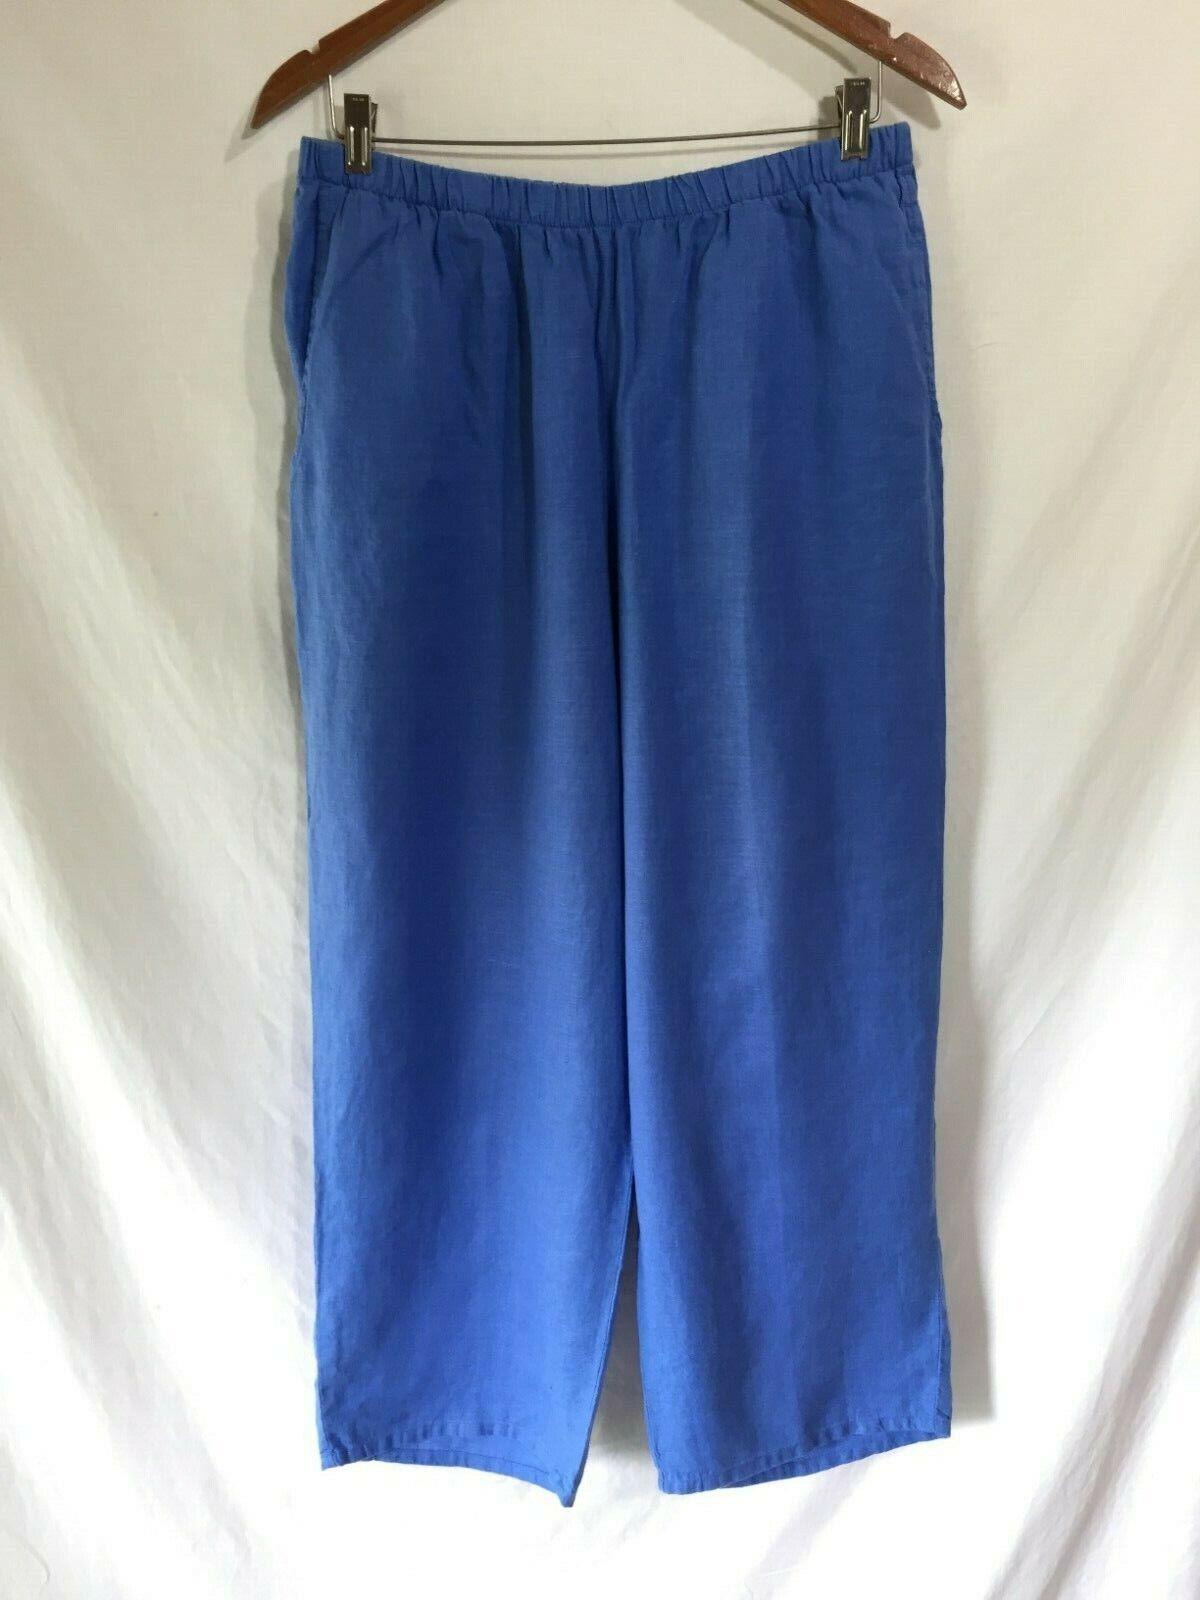 FLAX Jeanne Engelhart Cute Wide Leg Ankle Length Bright Blau Linen Beach Pants M